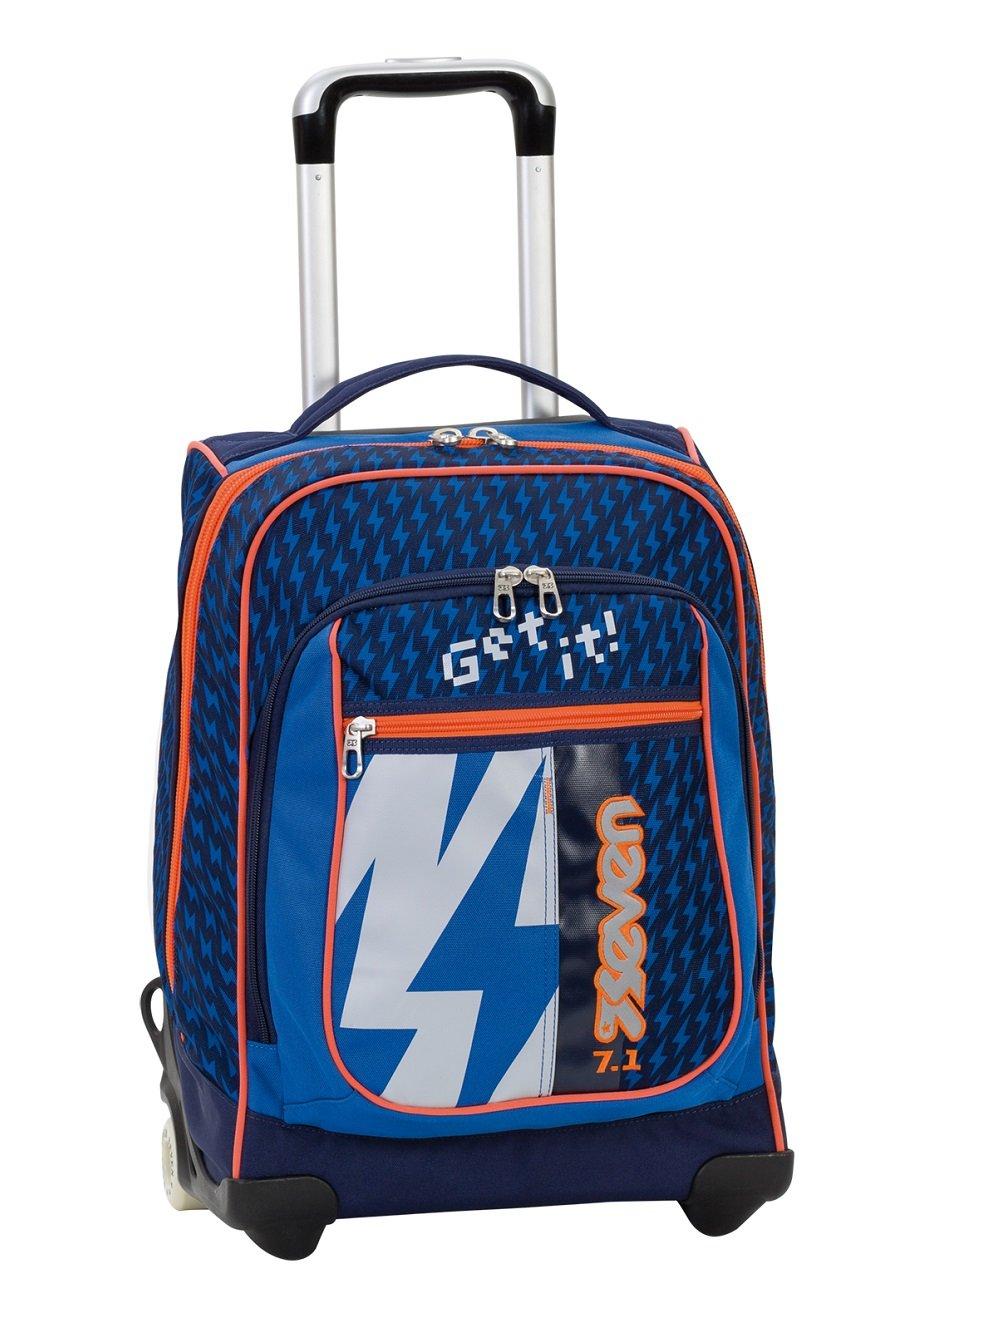 2in1 TROLLEY SEVEN ROUND - FLASH UP - blau Orange- 37 LT - Bei Verwendung als Trolley komplett versenkbare Tragegurte im Rücken  Schule und Reise neu